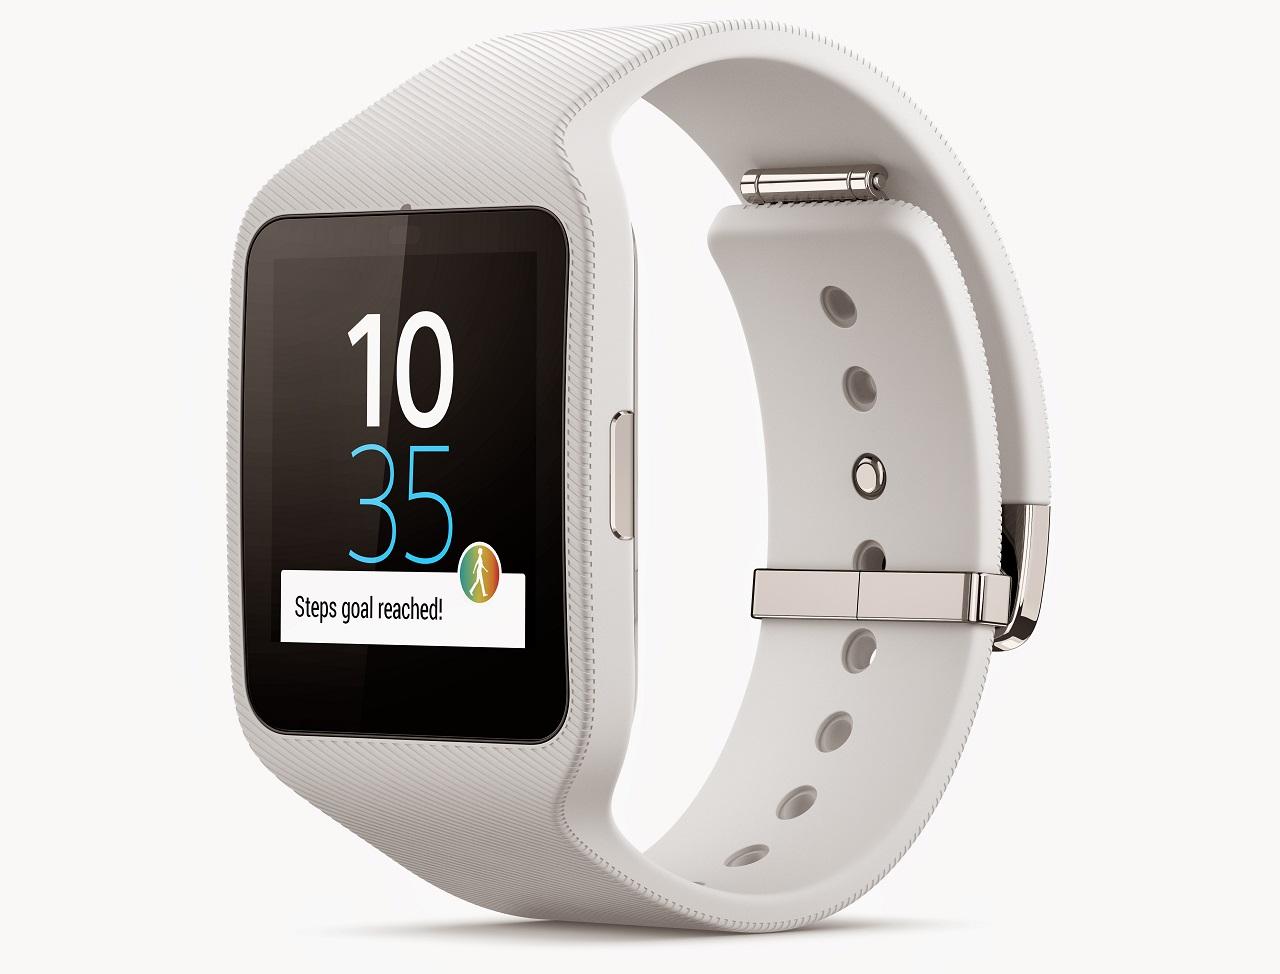 Sony Smartwatch 3 Geekextreme